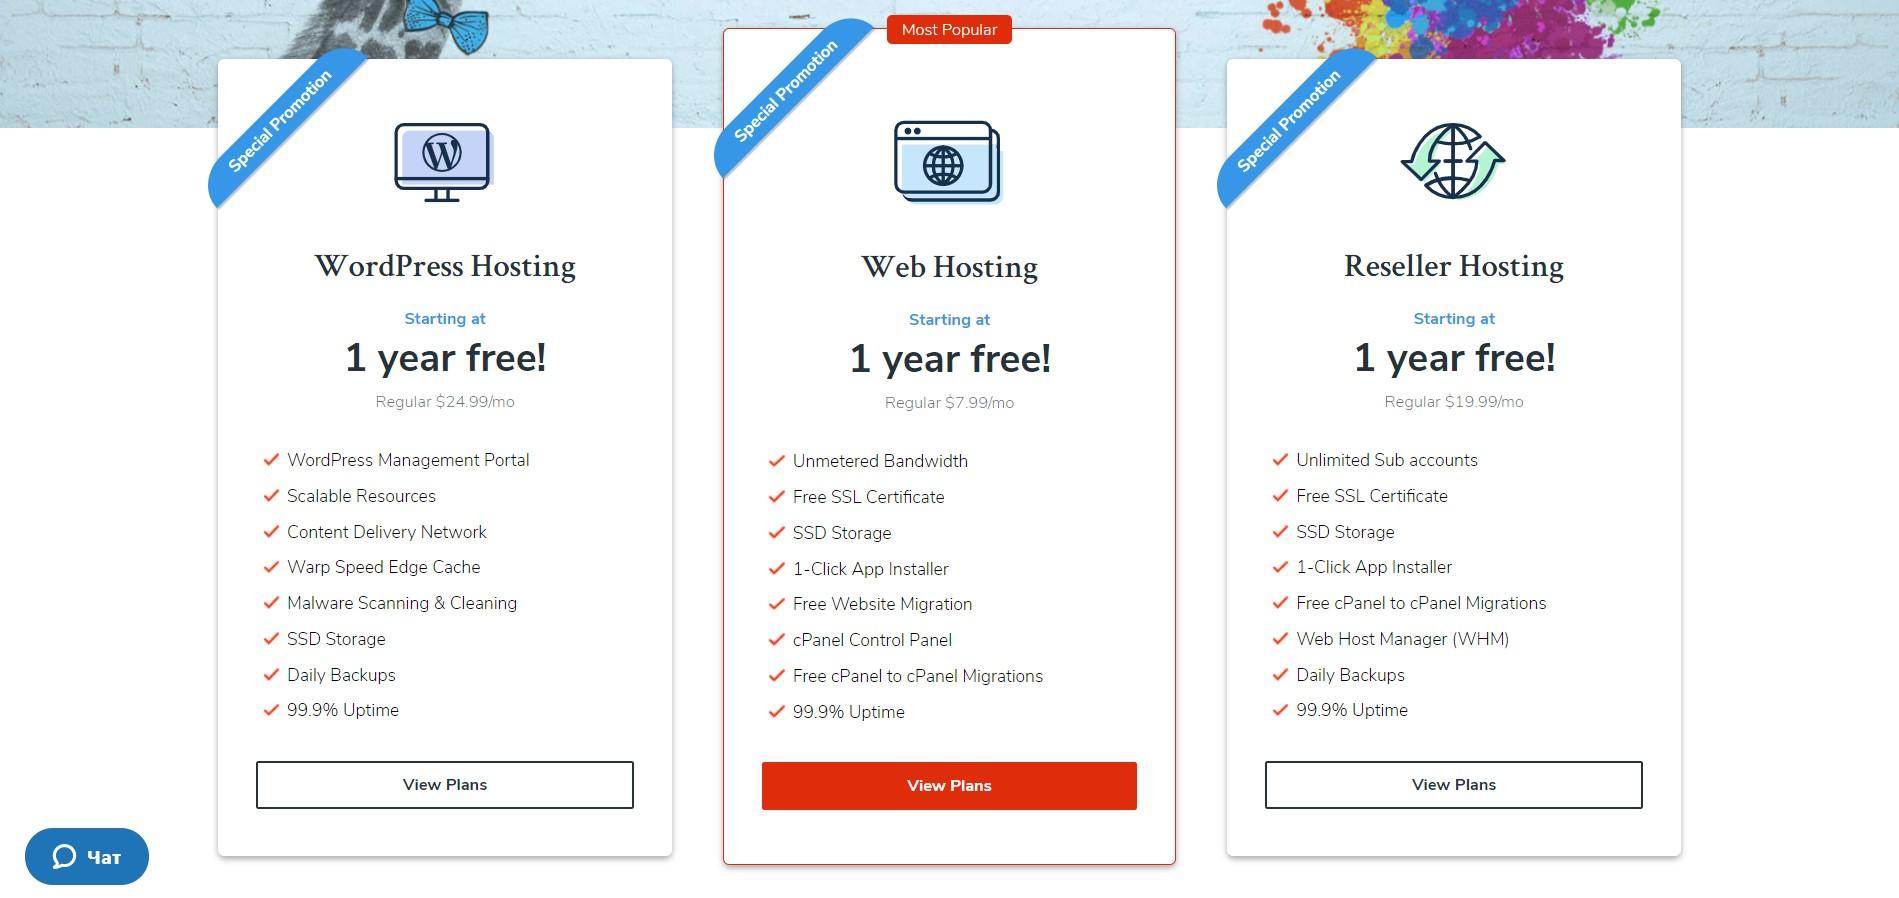 Cara mendapatkan hosting gratis dengan spesifikasi dewa selama 1 tahun